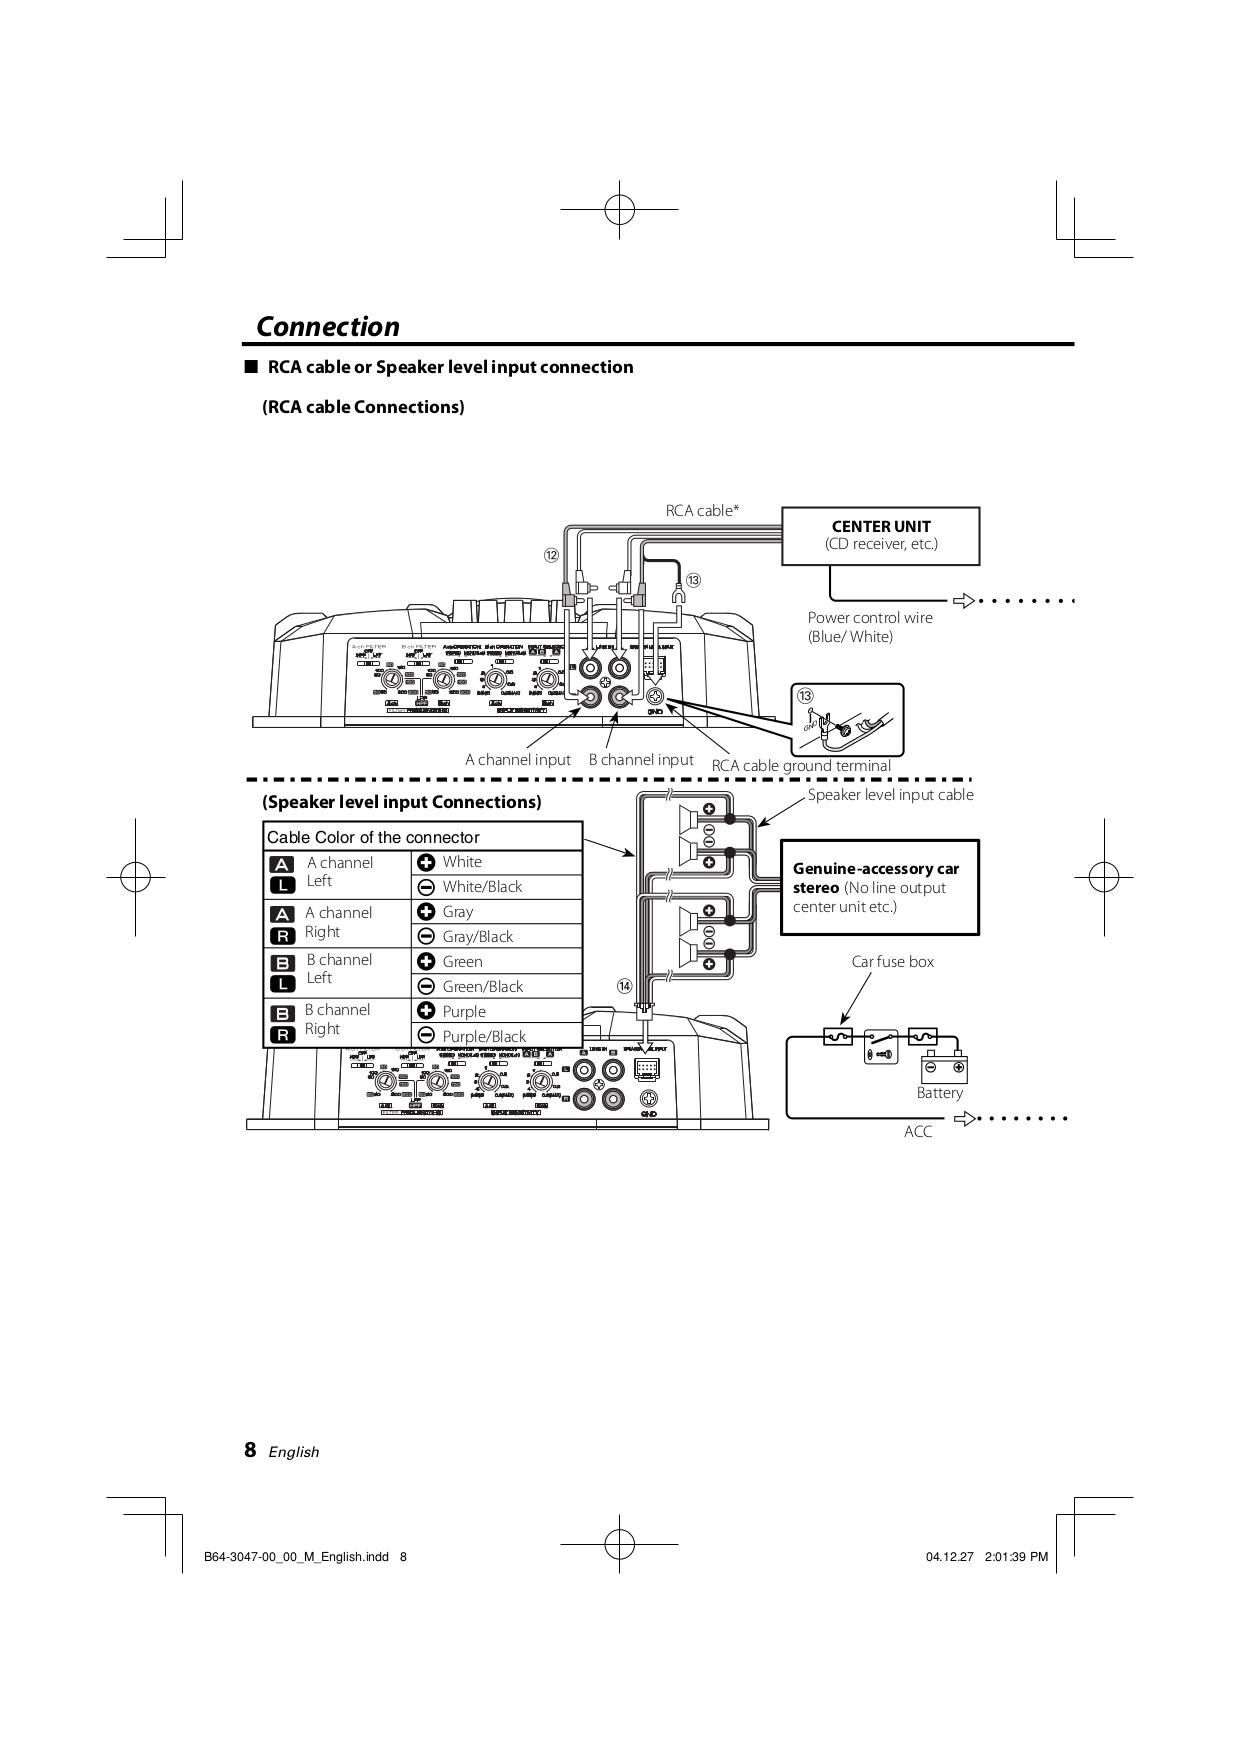 pdf manual for kenwood car amplifier kac 6402 rh umlib com Kenwood Amp Kac Gain Kenwood Amplifier 301T